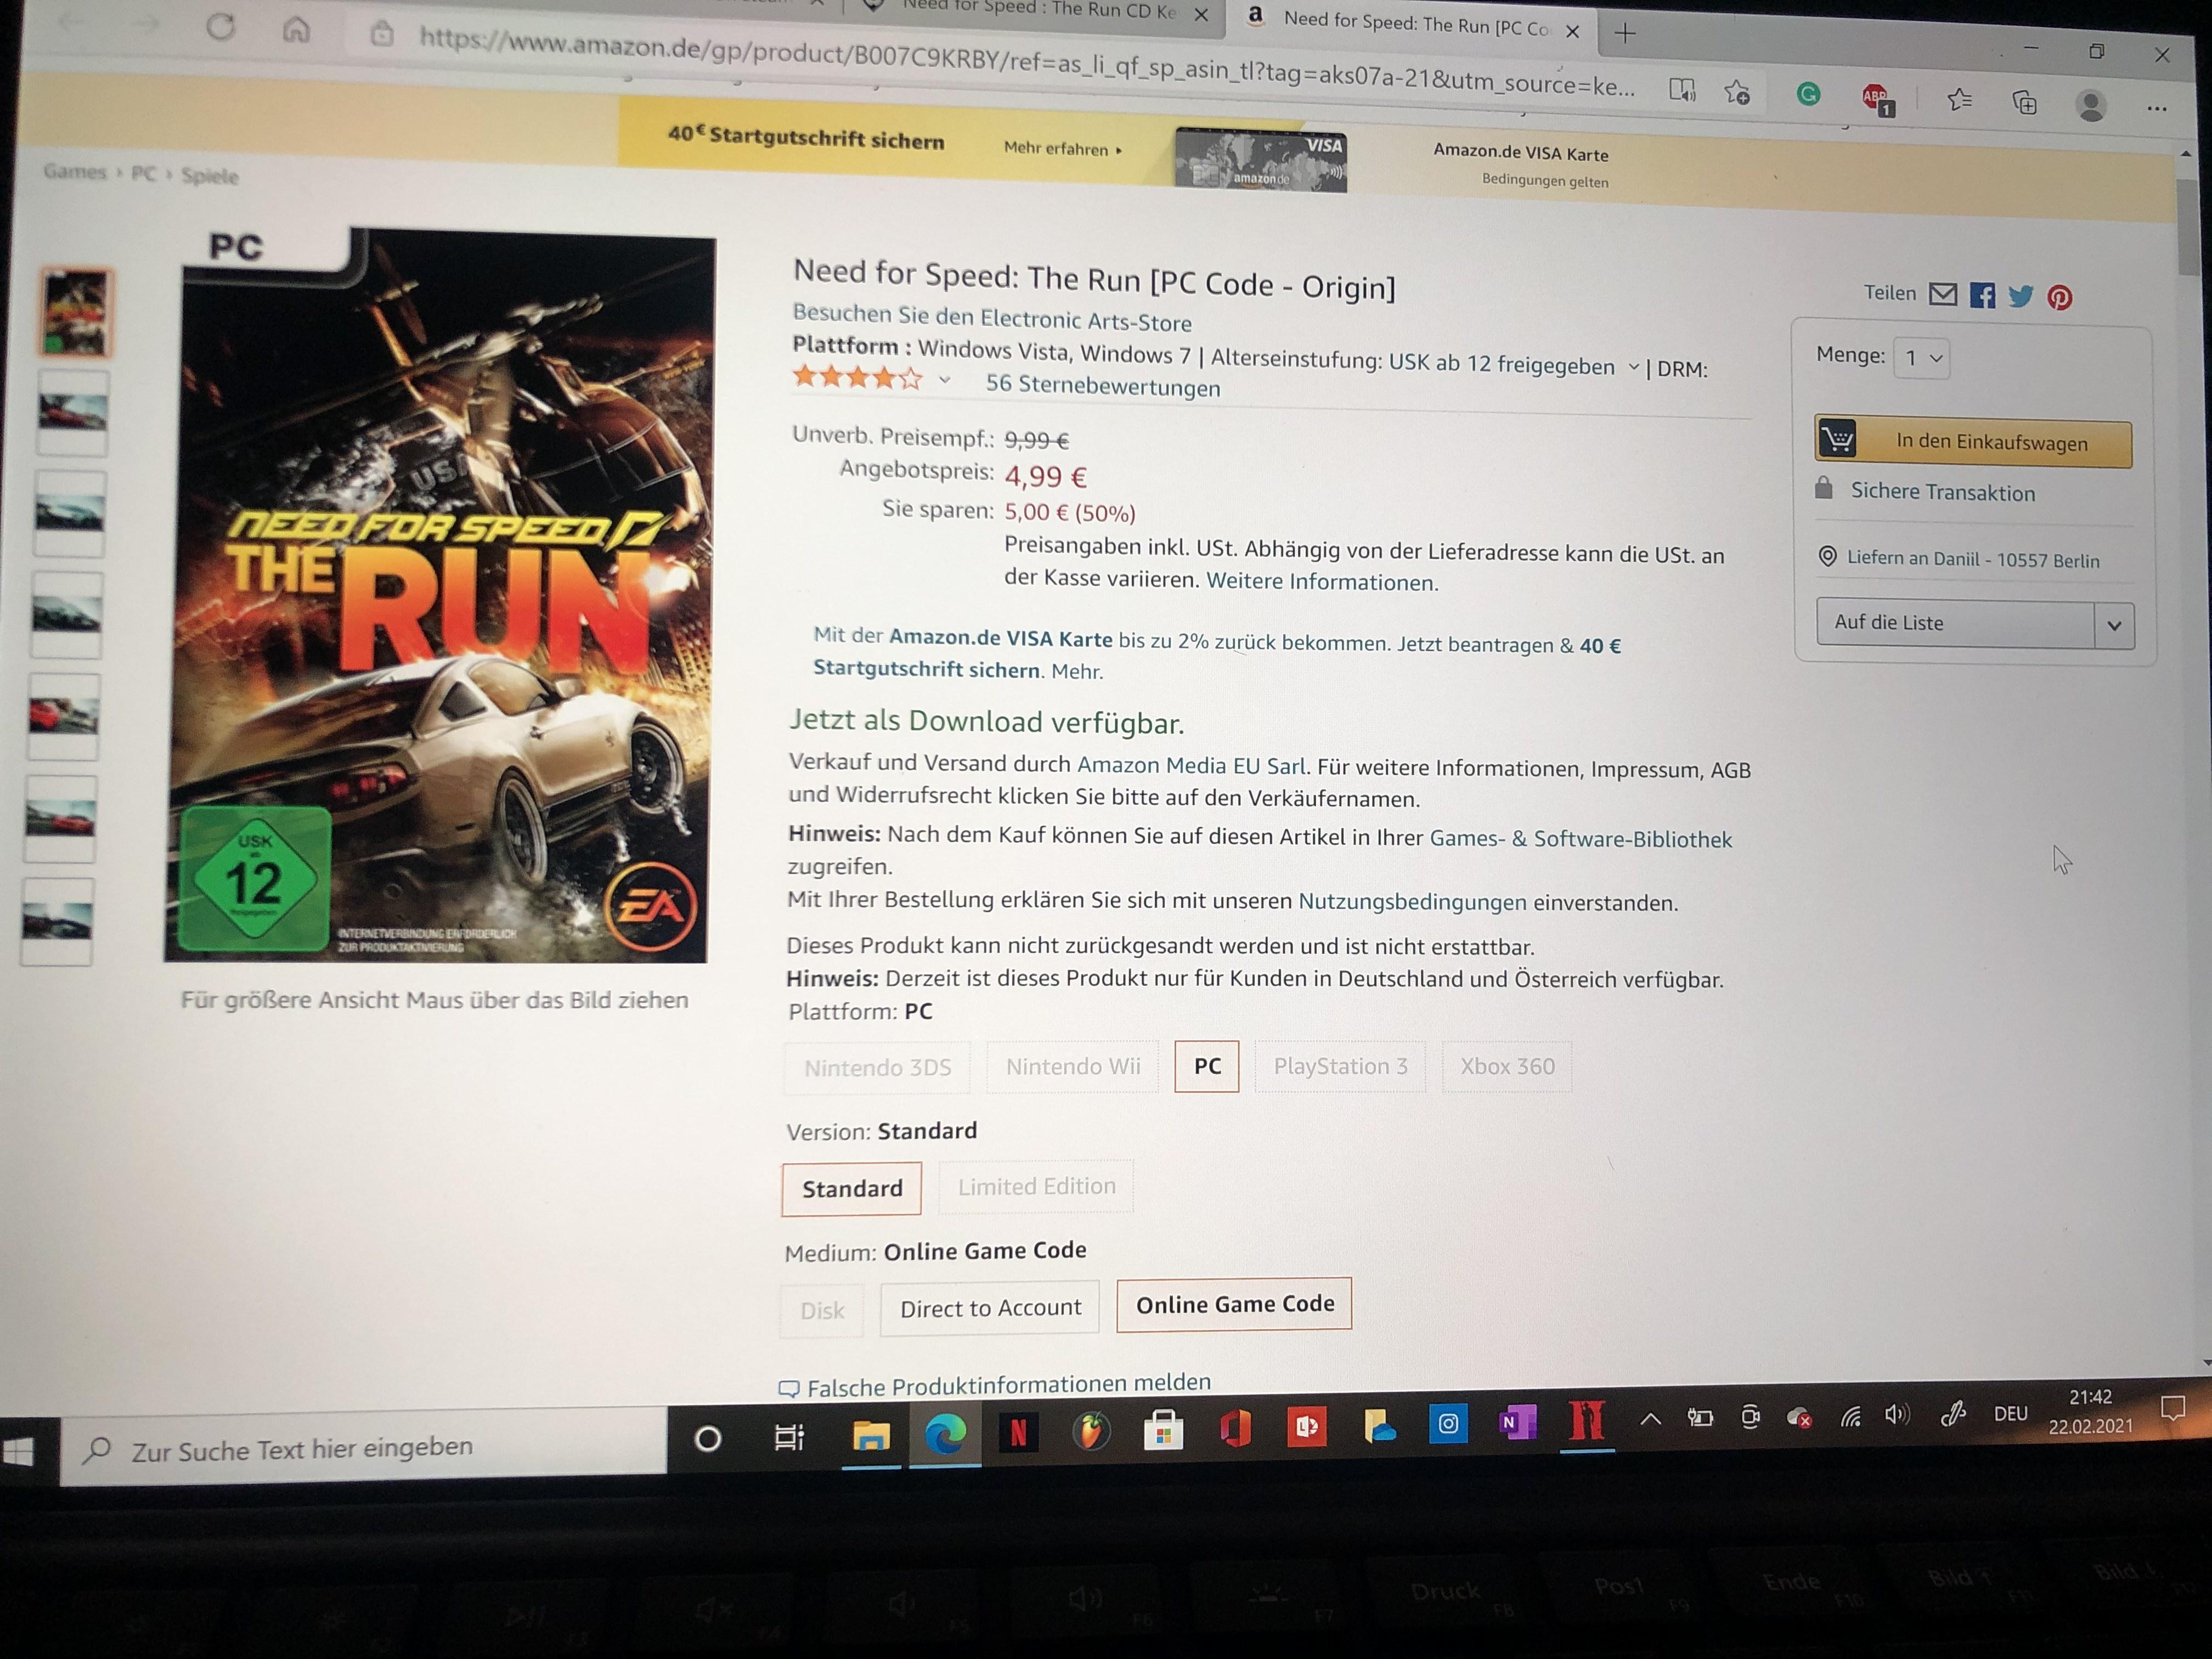 Need for Speed The Run aktuell im Angebot bei Amazon für 4,99)